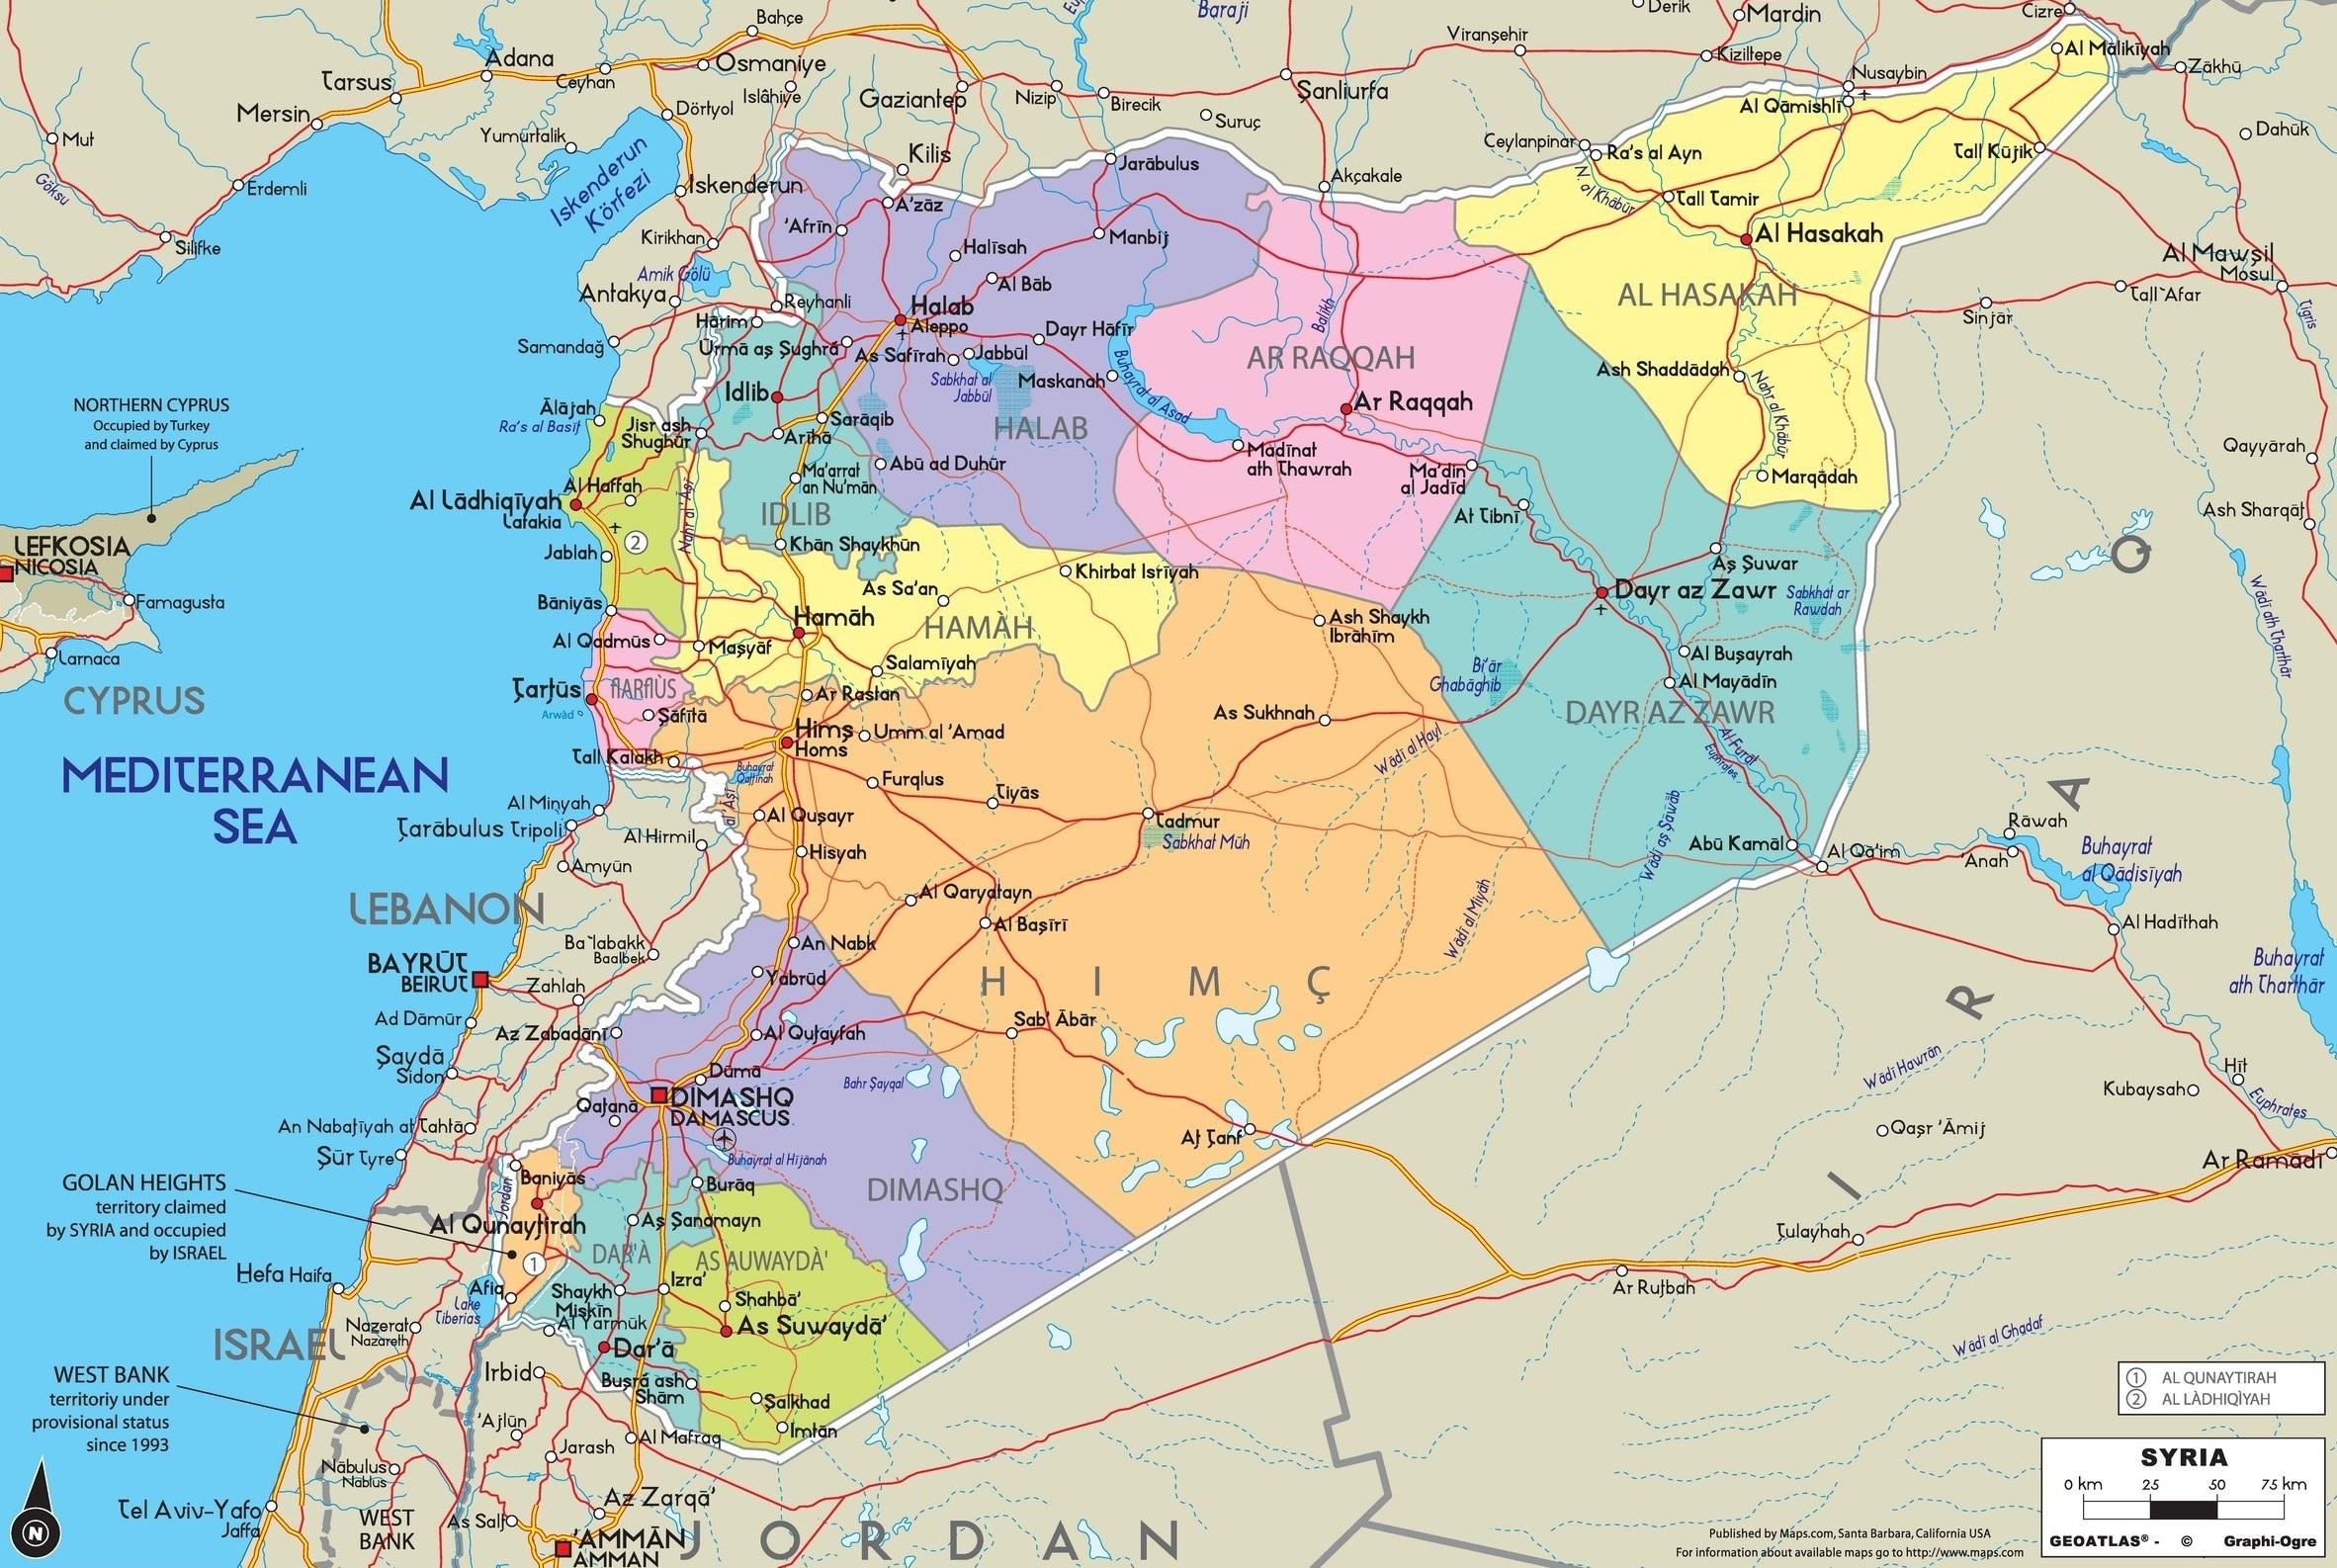 Karta Sirii 2020 Goda Na Russkom Yazyke Karty Boevyh Dejstvij V